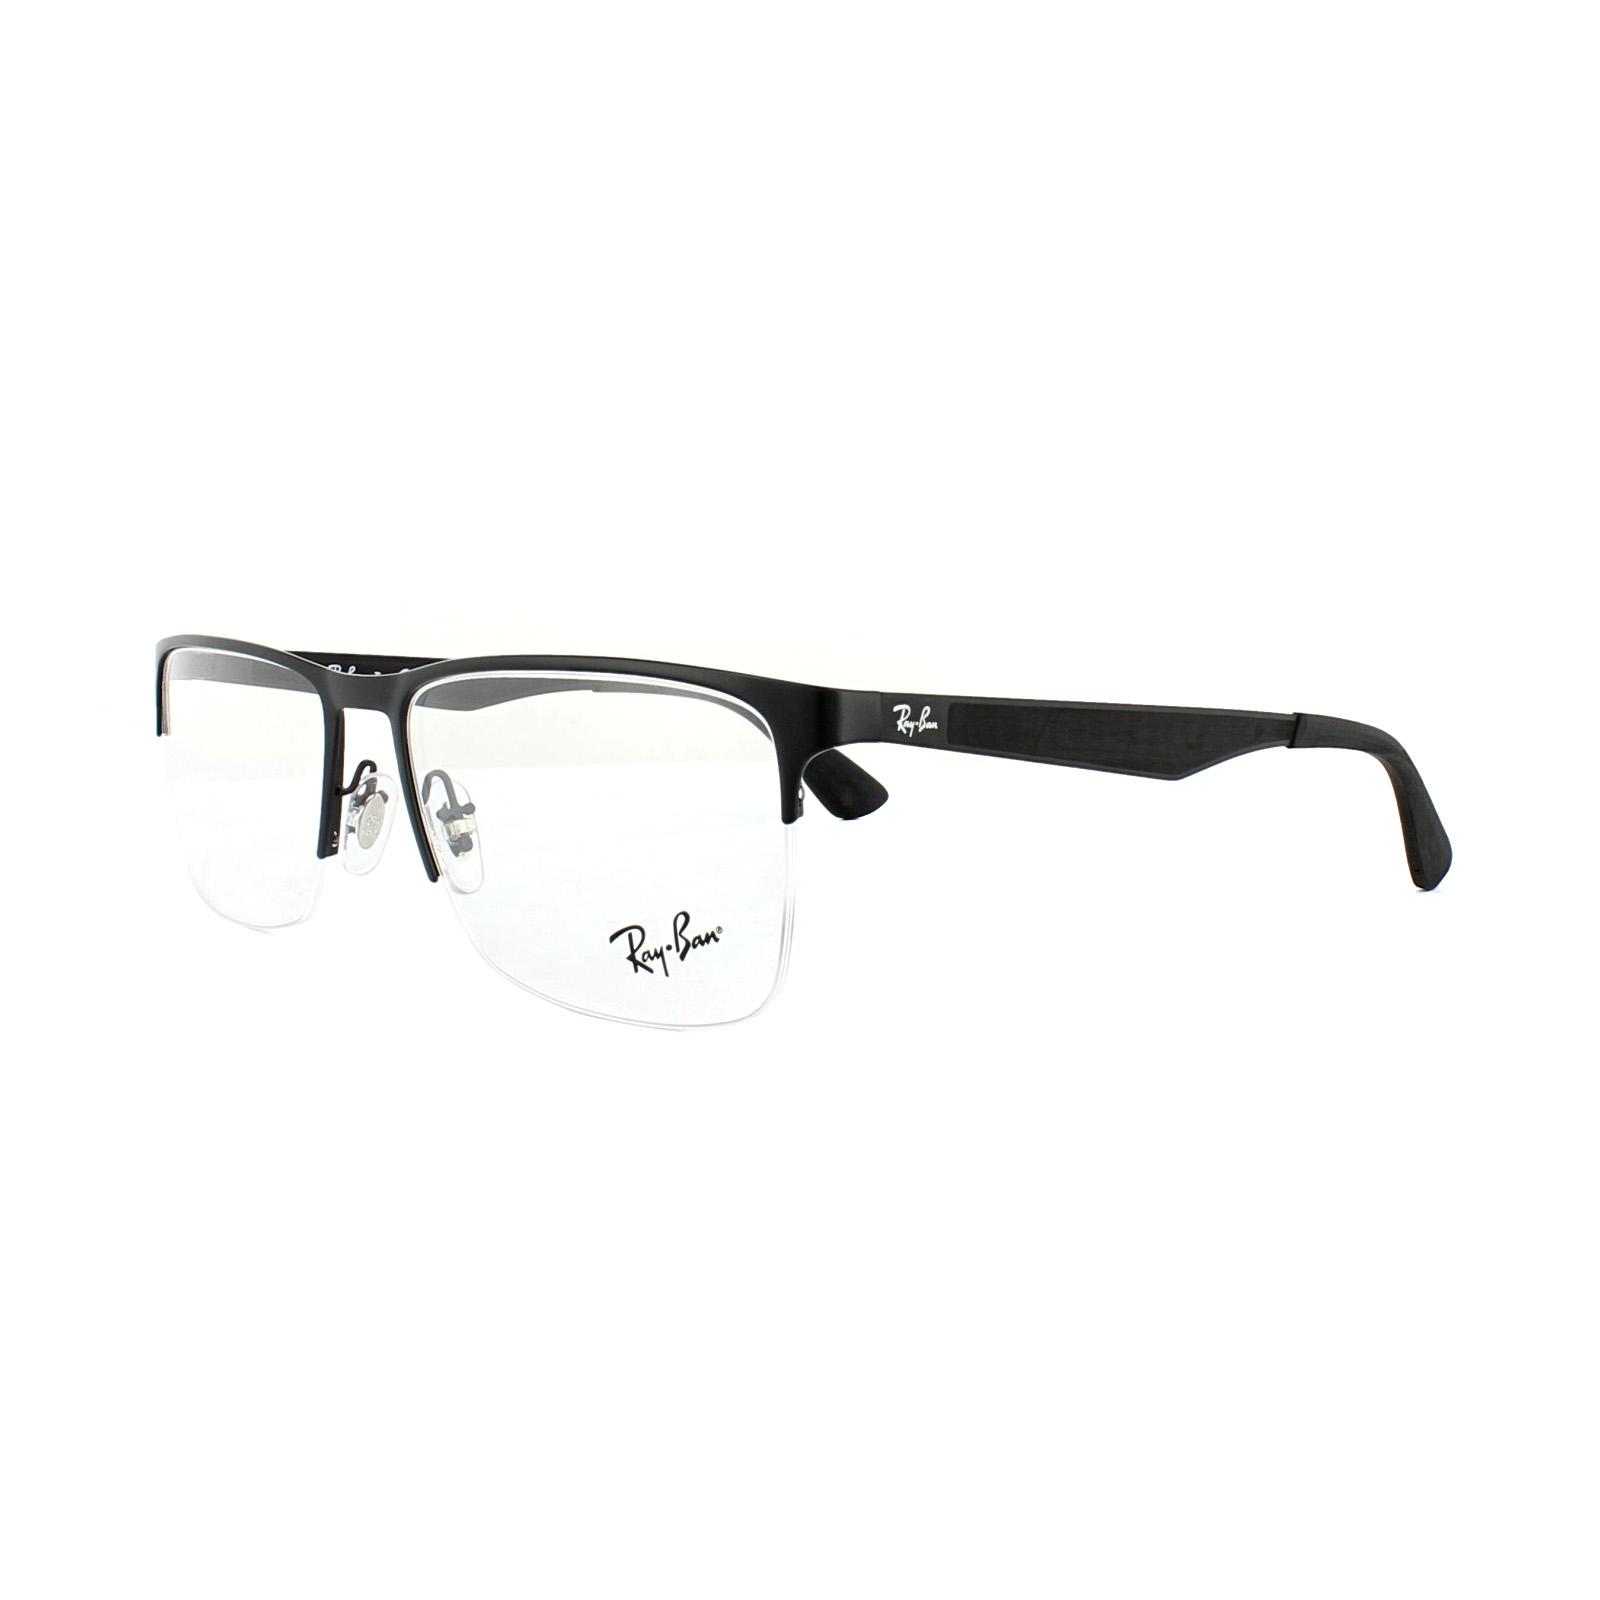 Ray-Ban Glasses Frames 6335 2503 Matt Black Mens 56mm   eBay